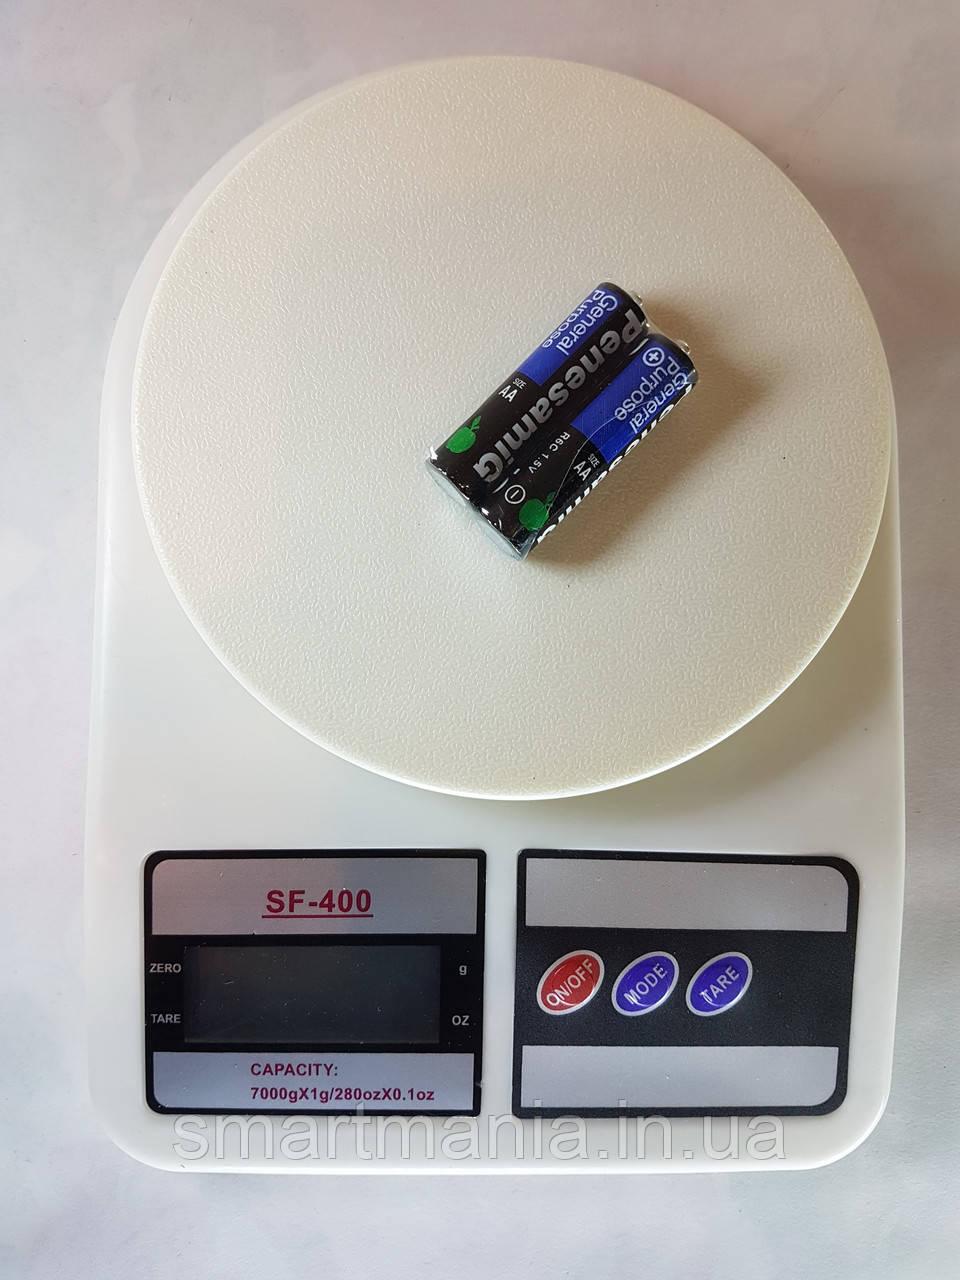 Электронные кухонные весы SF-400